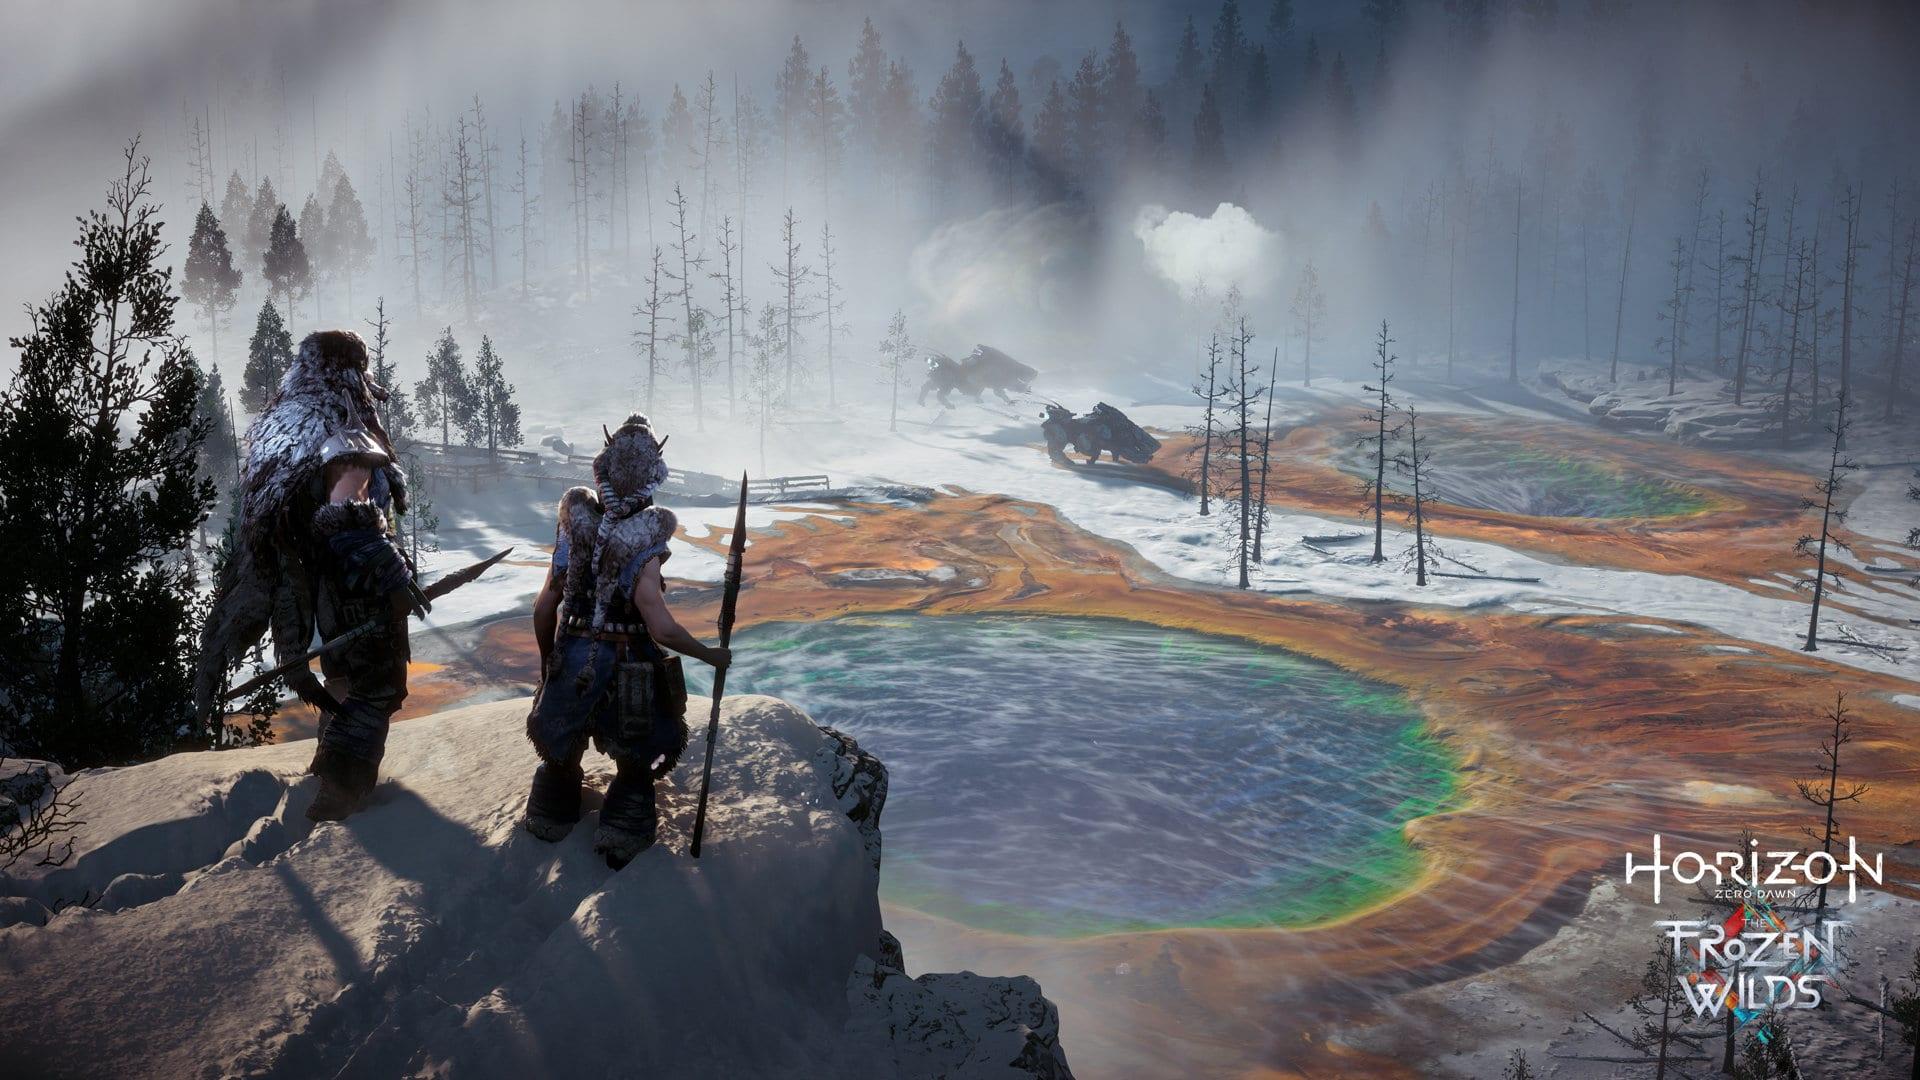 DLC de Horizon Zero Dawn: Frozen Wildsya tiene fecha de salida GamersRD